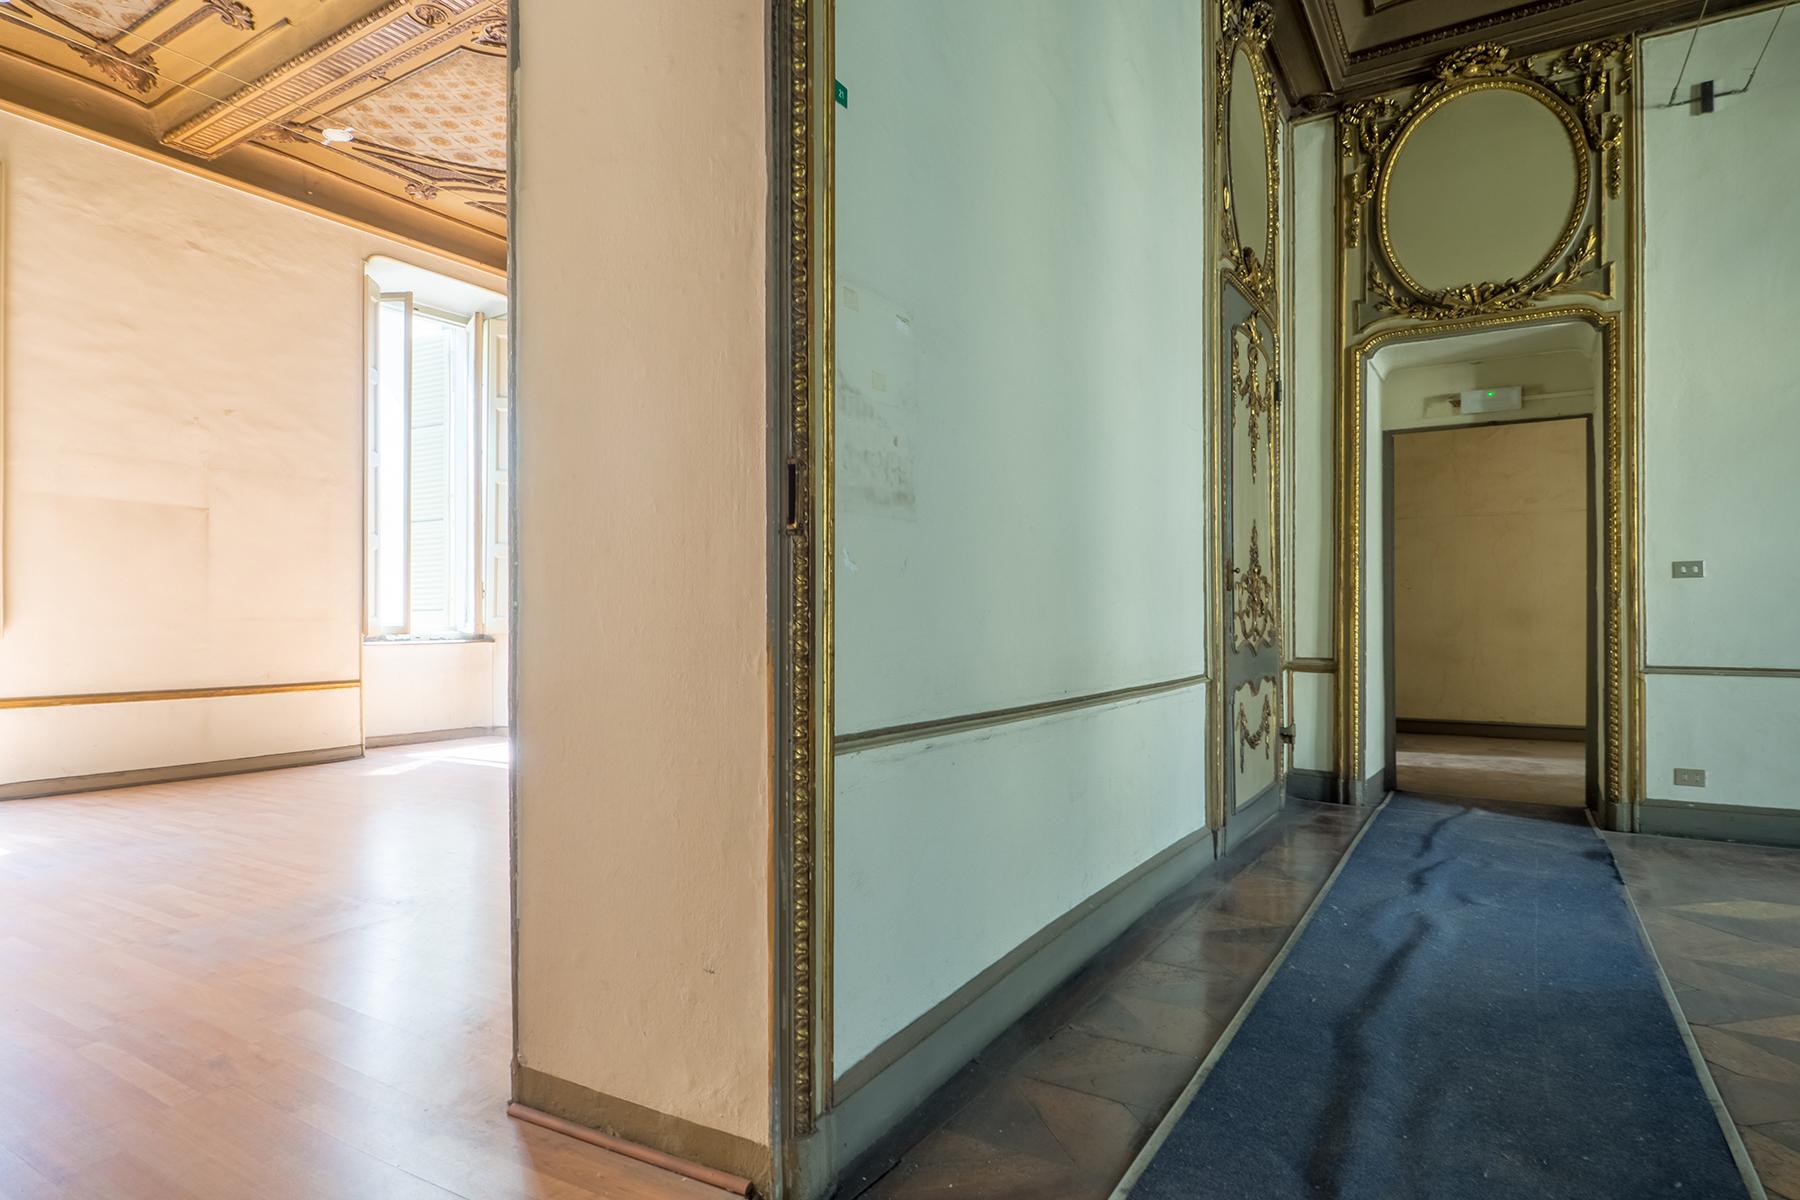 Ufficio-studio in Affitto a Torino: 5 locali, 337 mq - Foto 19